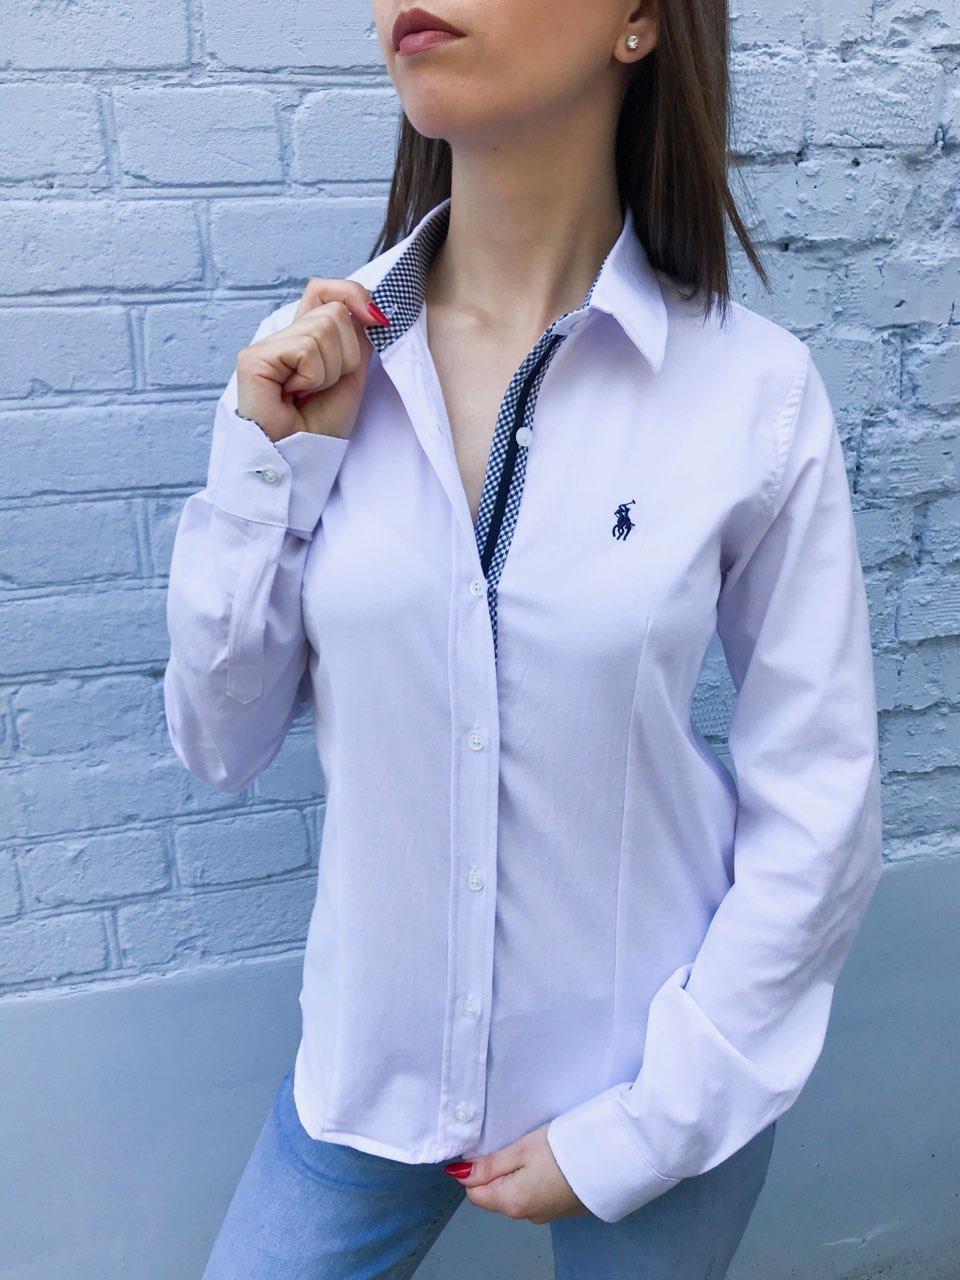 757a2f70972cba0 Женская рубашка Polo Ralph Lauren белая с синими вставками -  Интернет-магазин 7sundukov в Запорожье